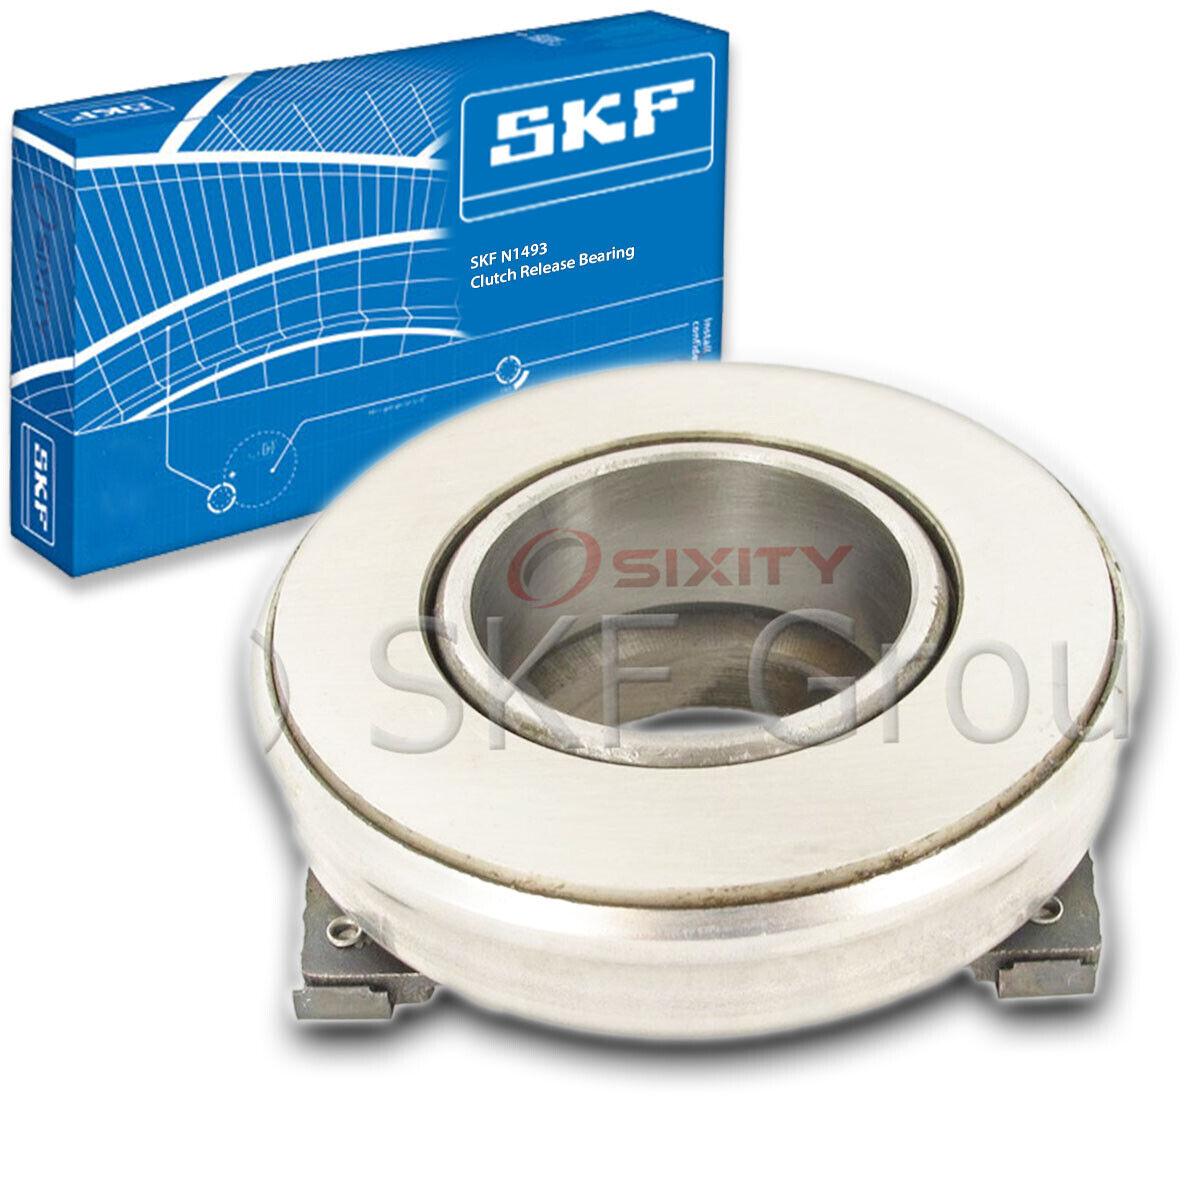 Release Bearing N1087 SKF